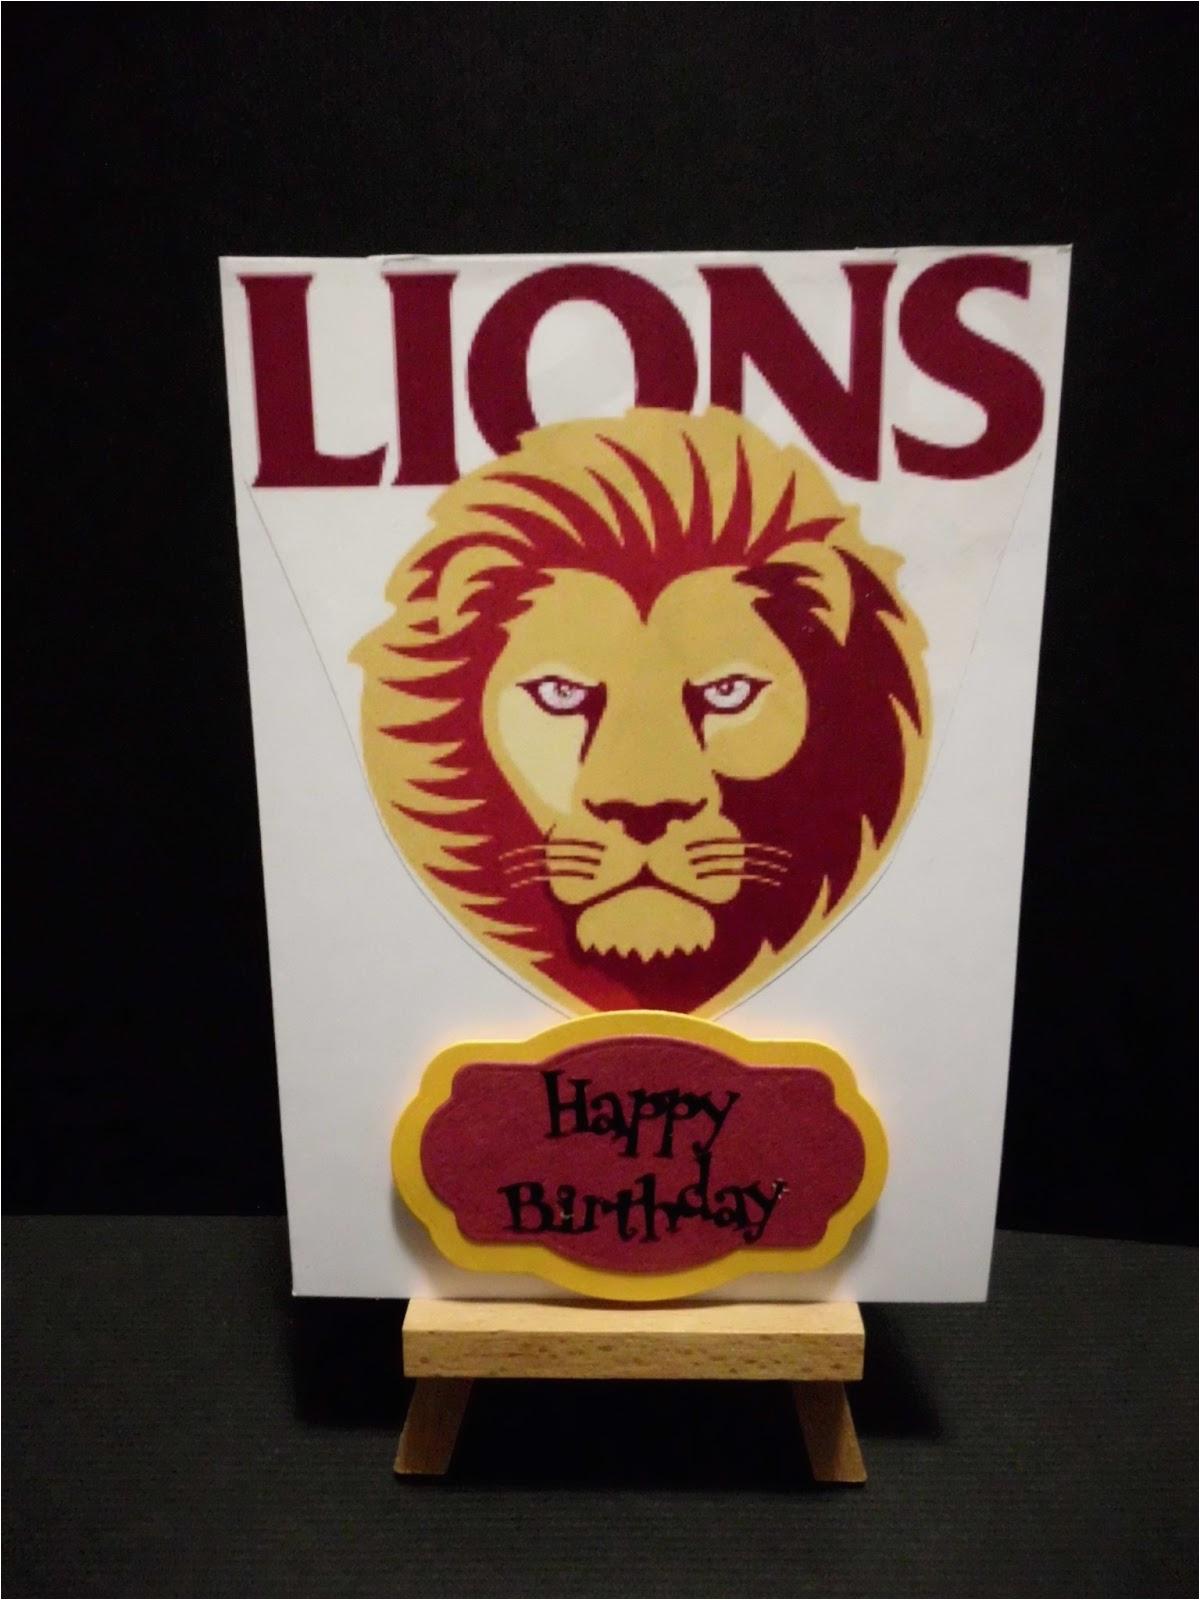 brisbane lions cards